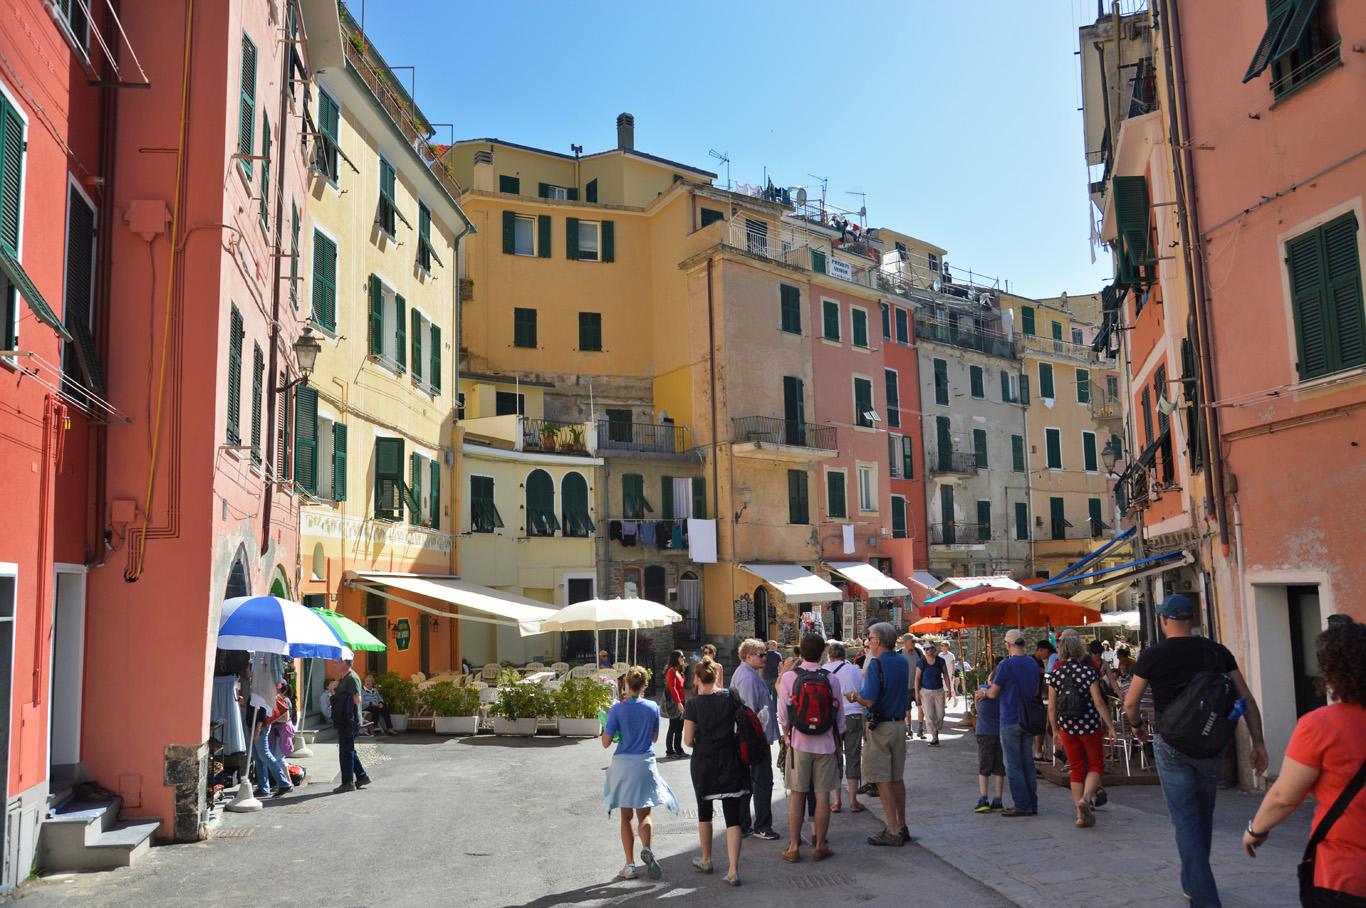 The town of Riomaggiore